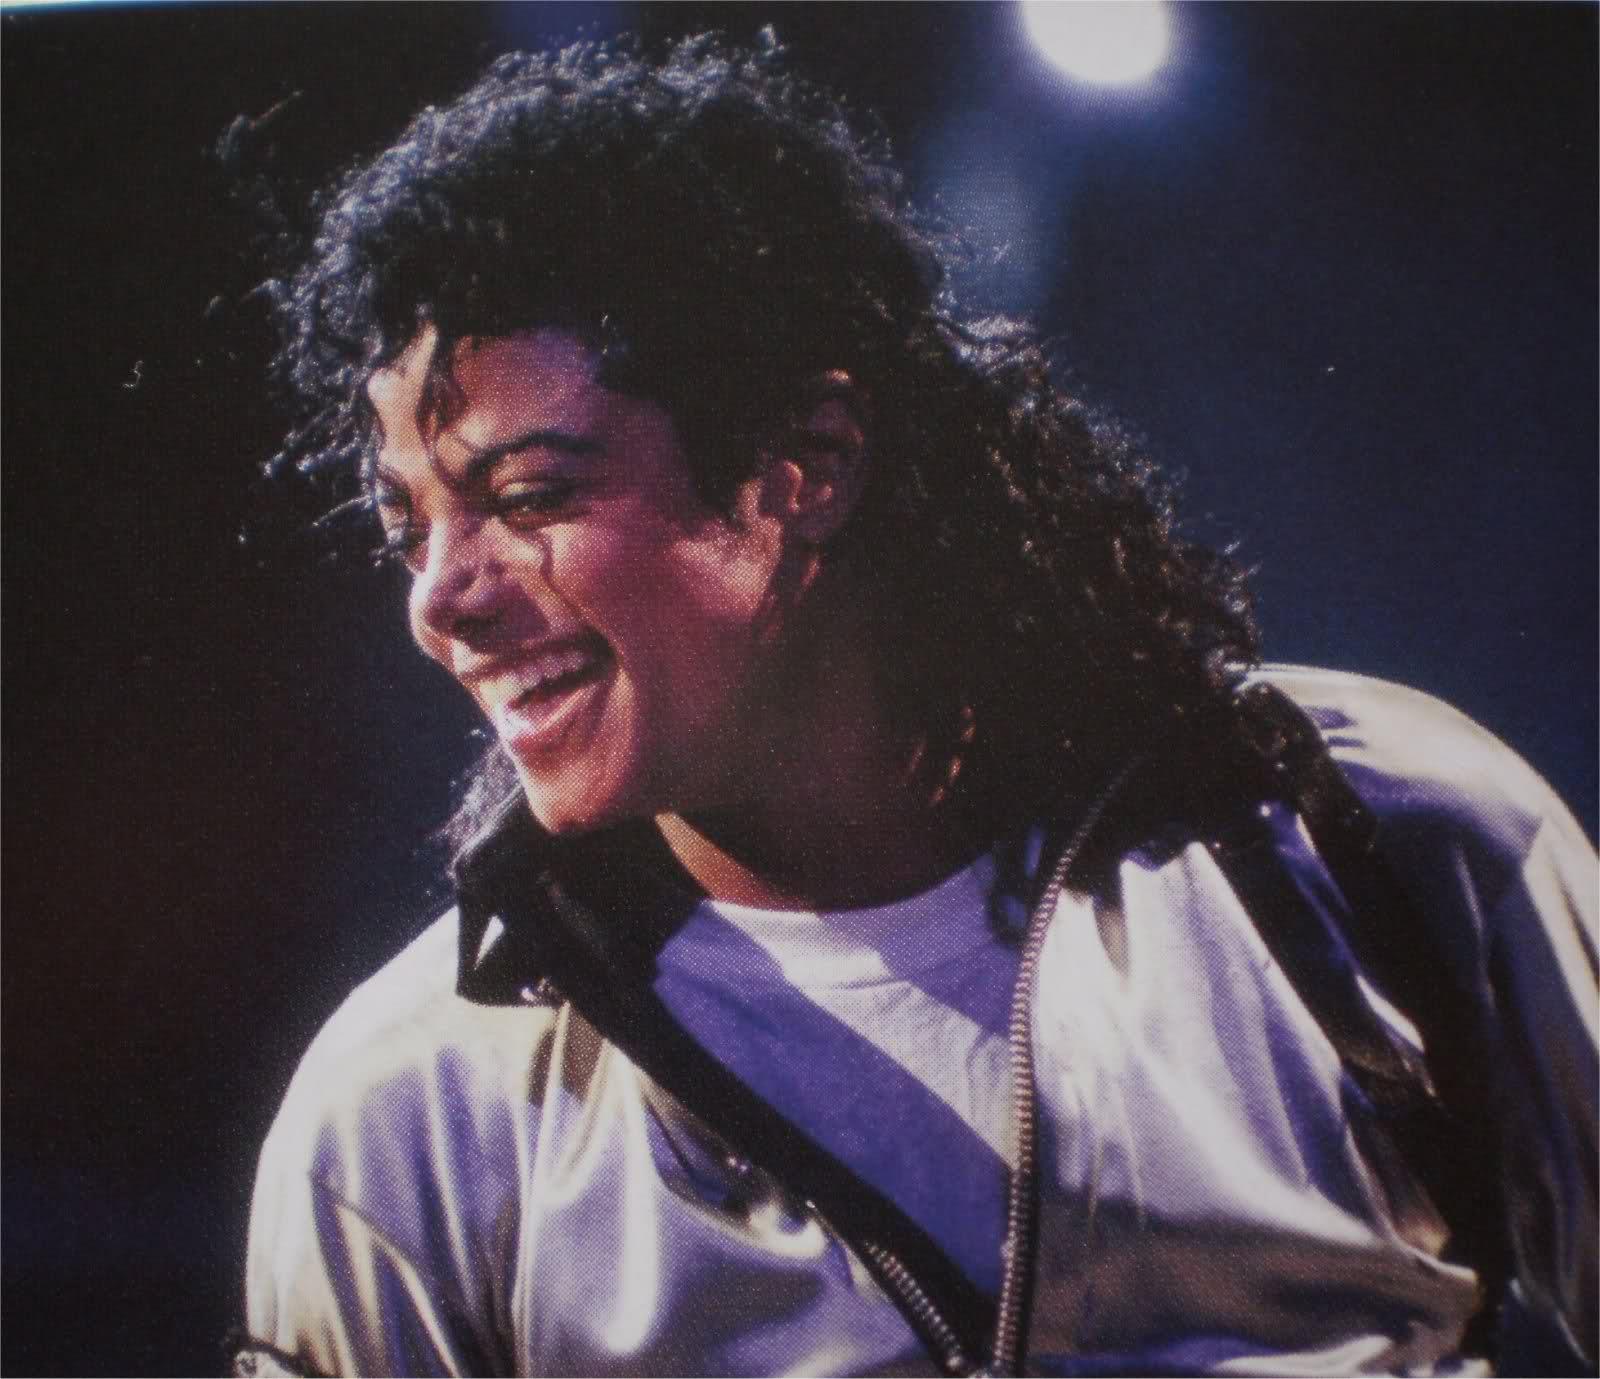 Il sorriso di Michael - Pagina 17 296m6iw